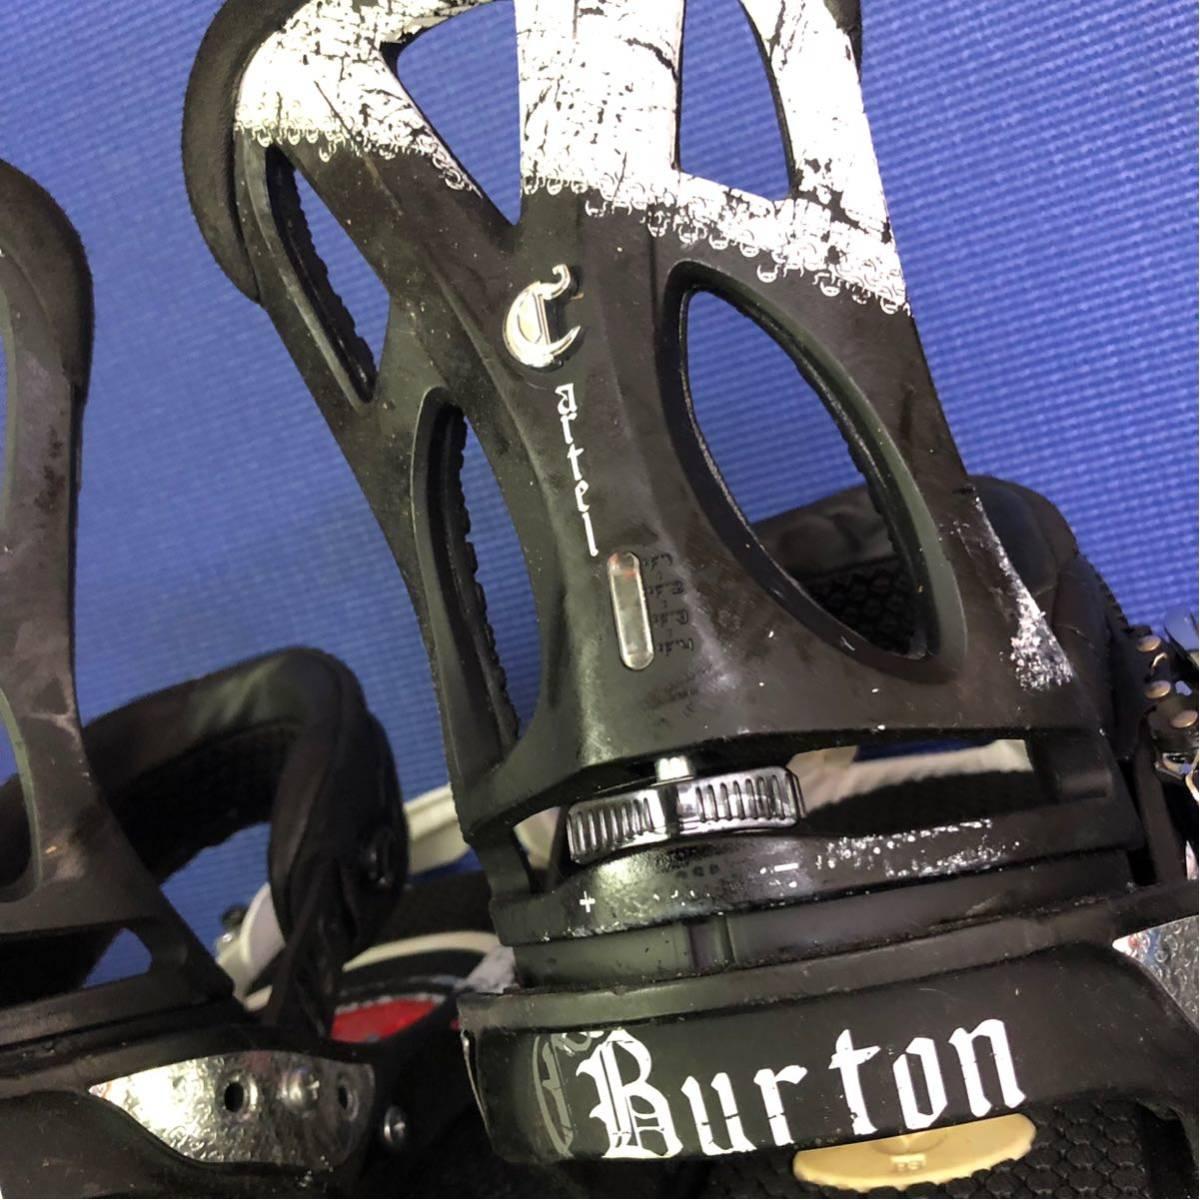 【BD016】激安!! BURTON (バートン) / モデル: CARTEL / サイズ:M/ スノーボード・バインディング 初心者歓迎!!_画像4